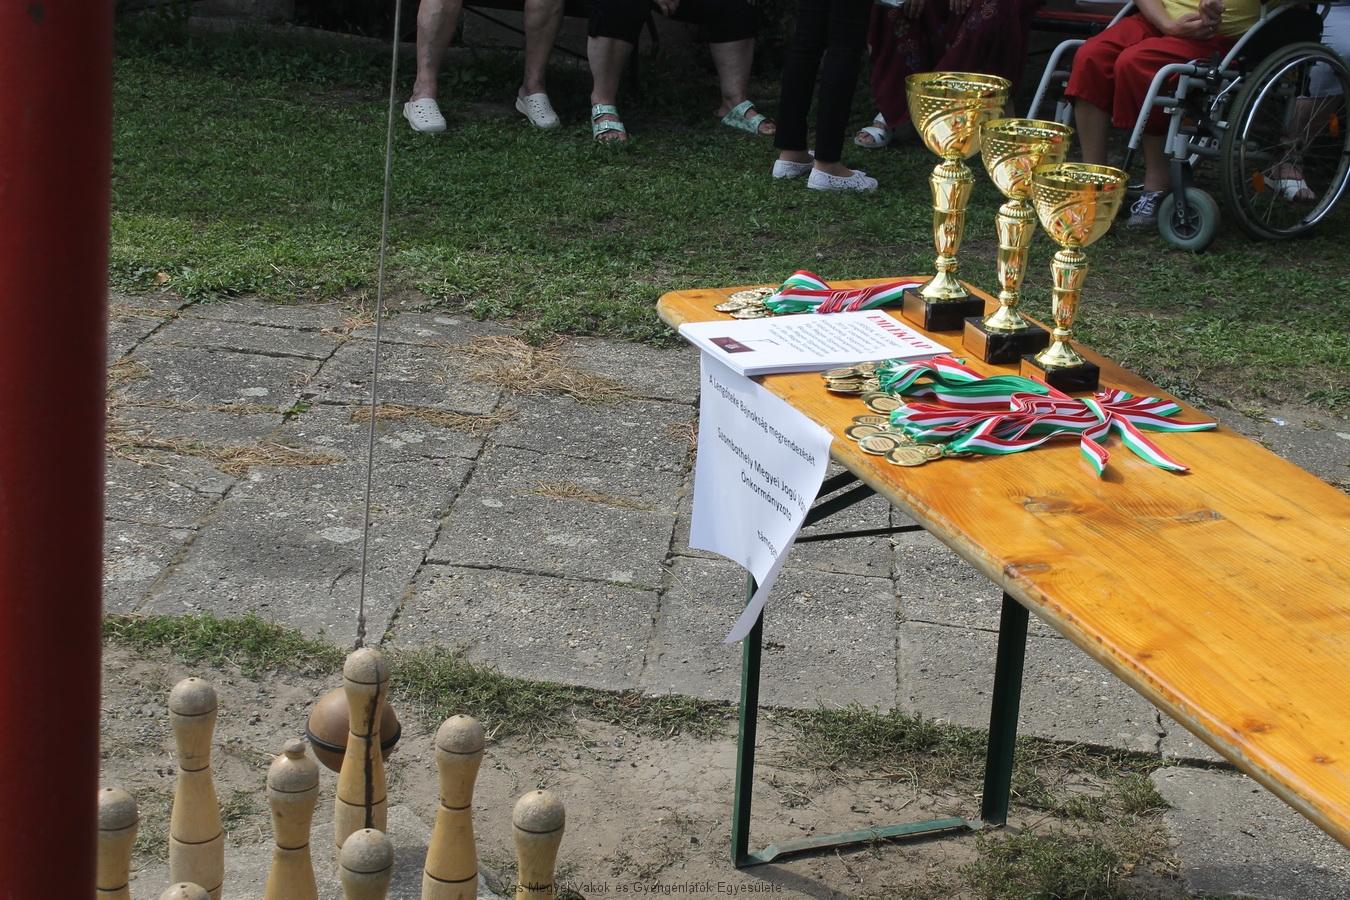 Gyülekezés a lengőteke bajnokságra. Az asztalon serlegek, oklevelek, érmek.